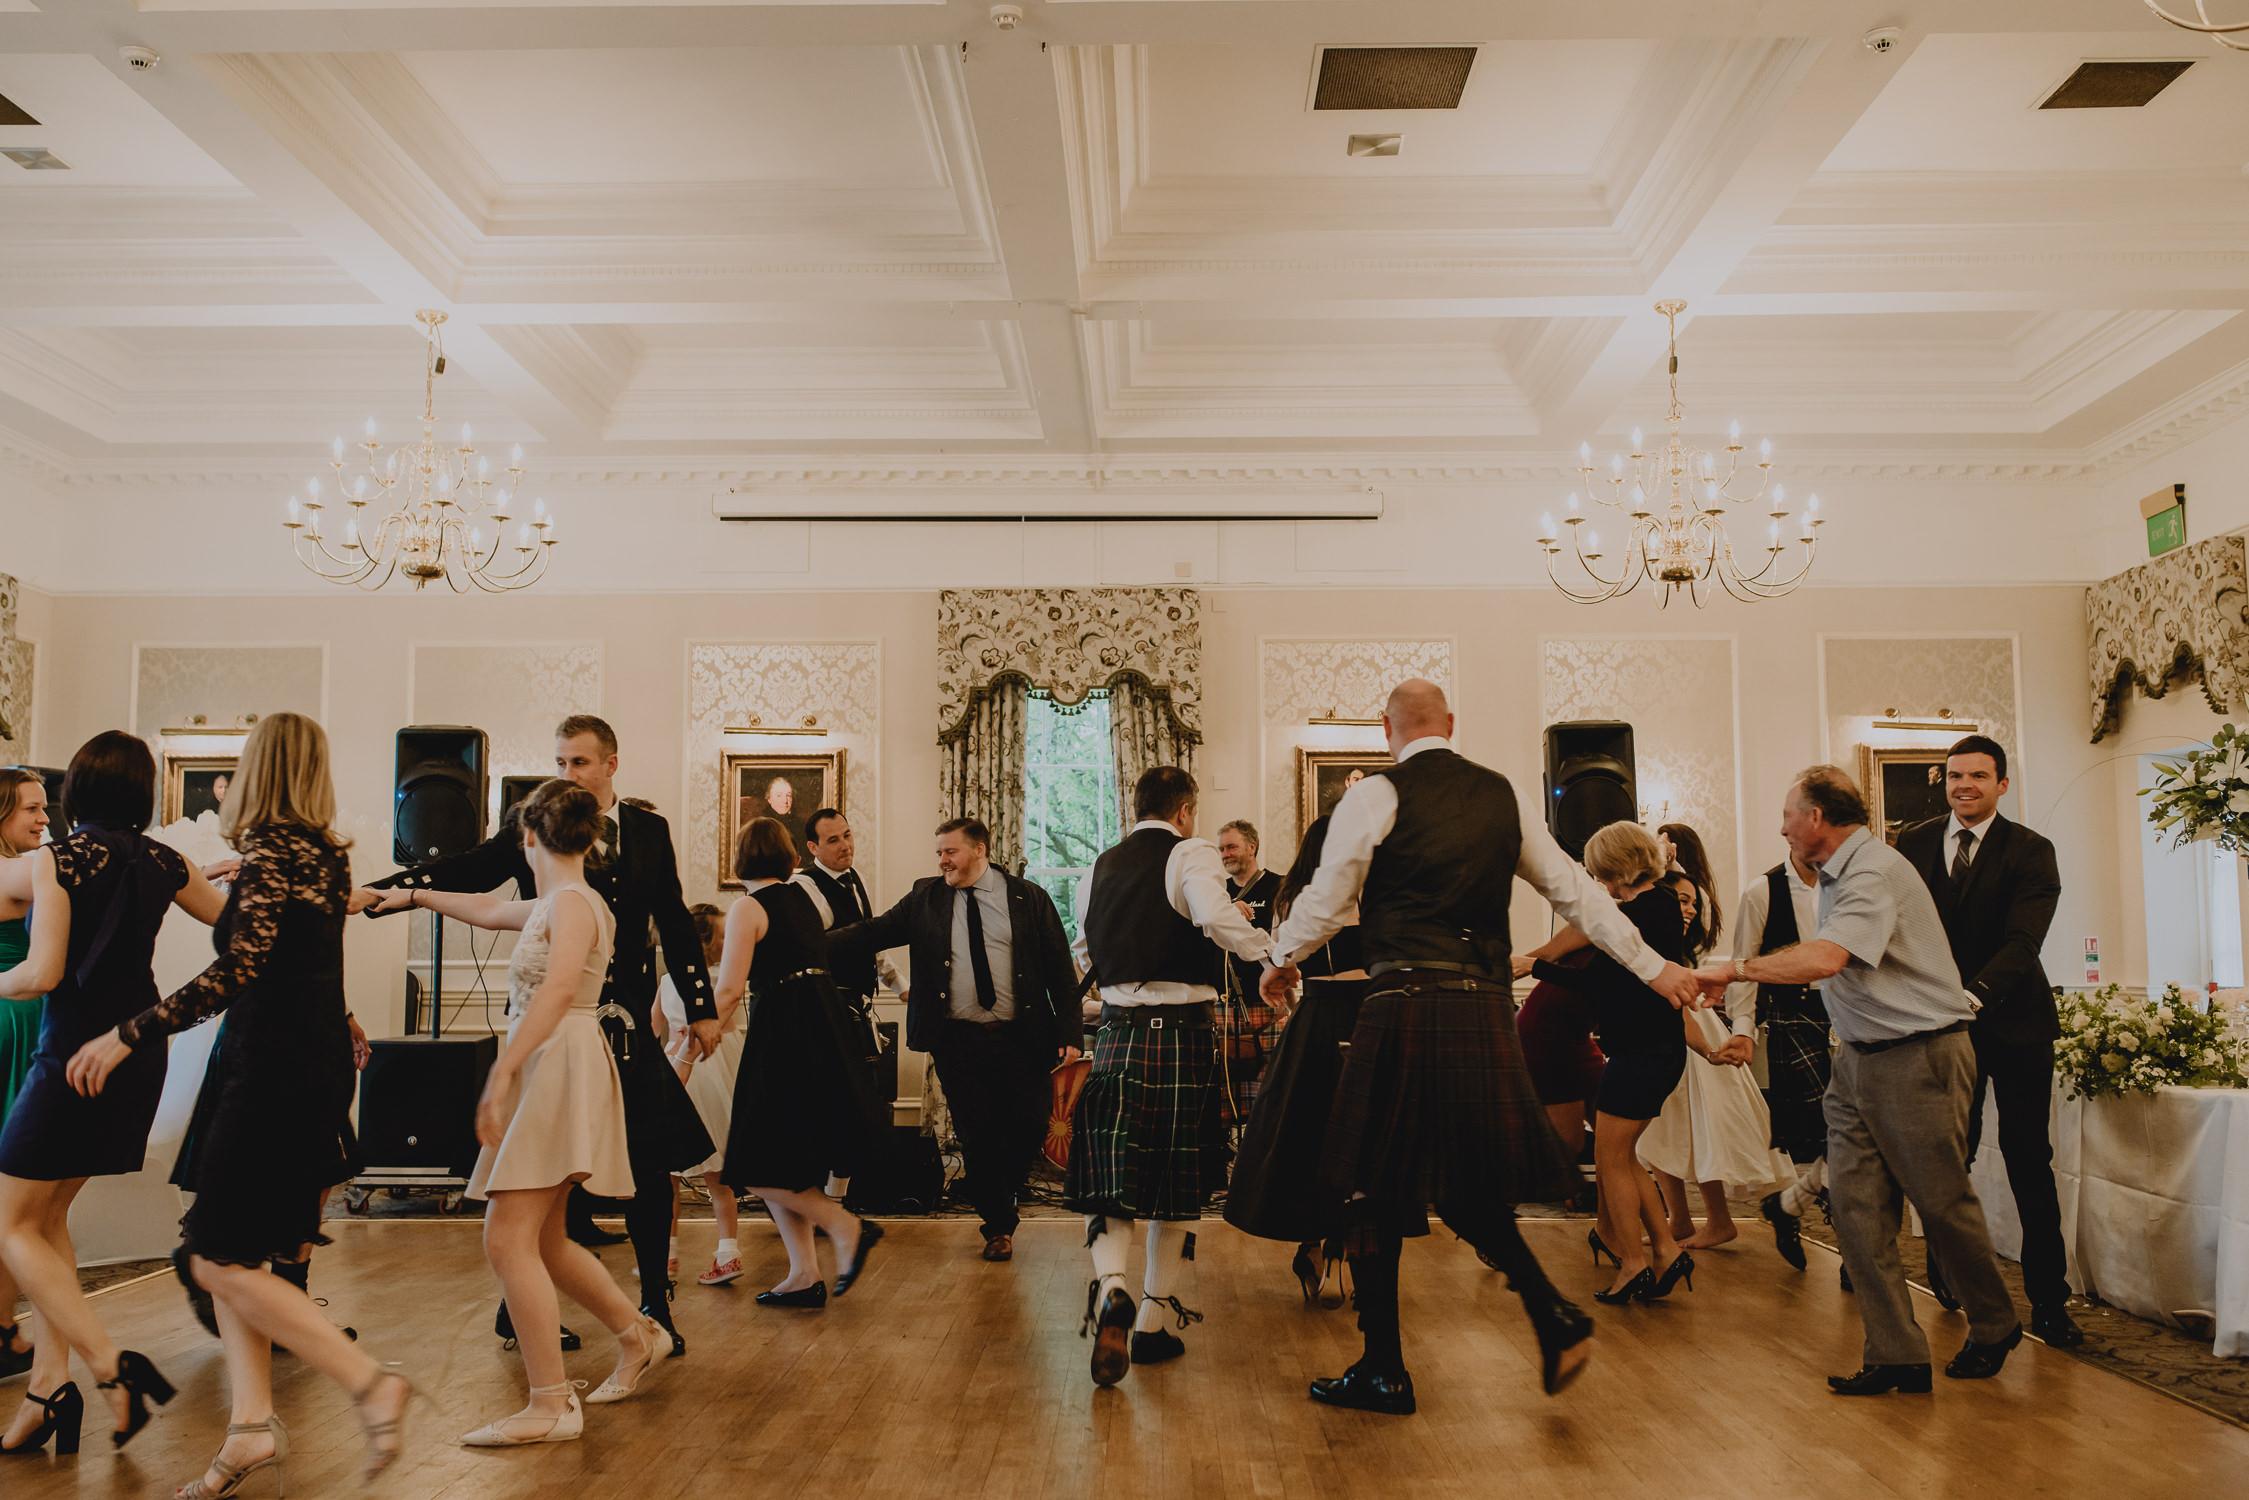 bruidsfotografie-amsterdam-utrecht--aberdeen-mark-hadden-wedding-photography-lynne-steve-273.jpg